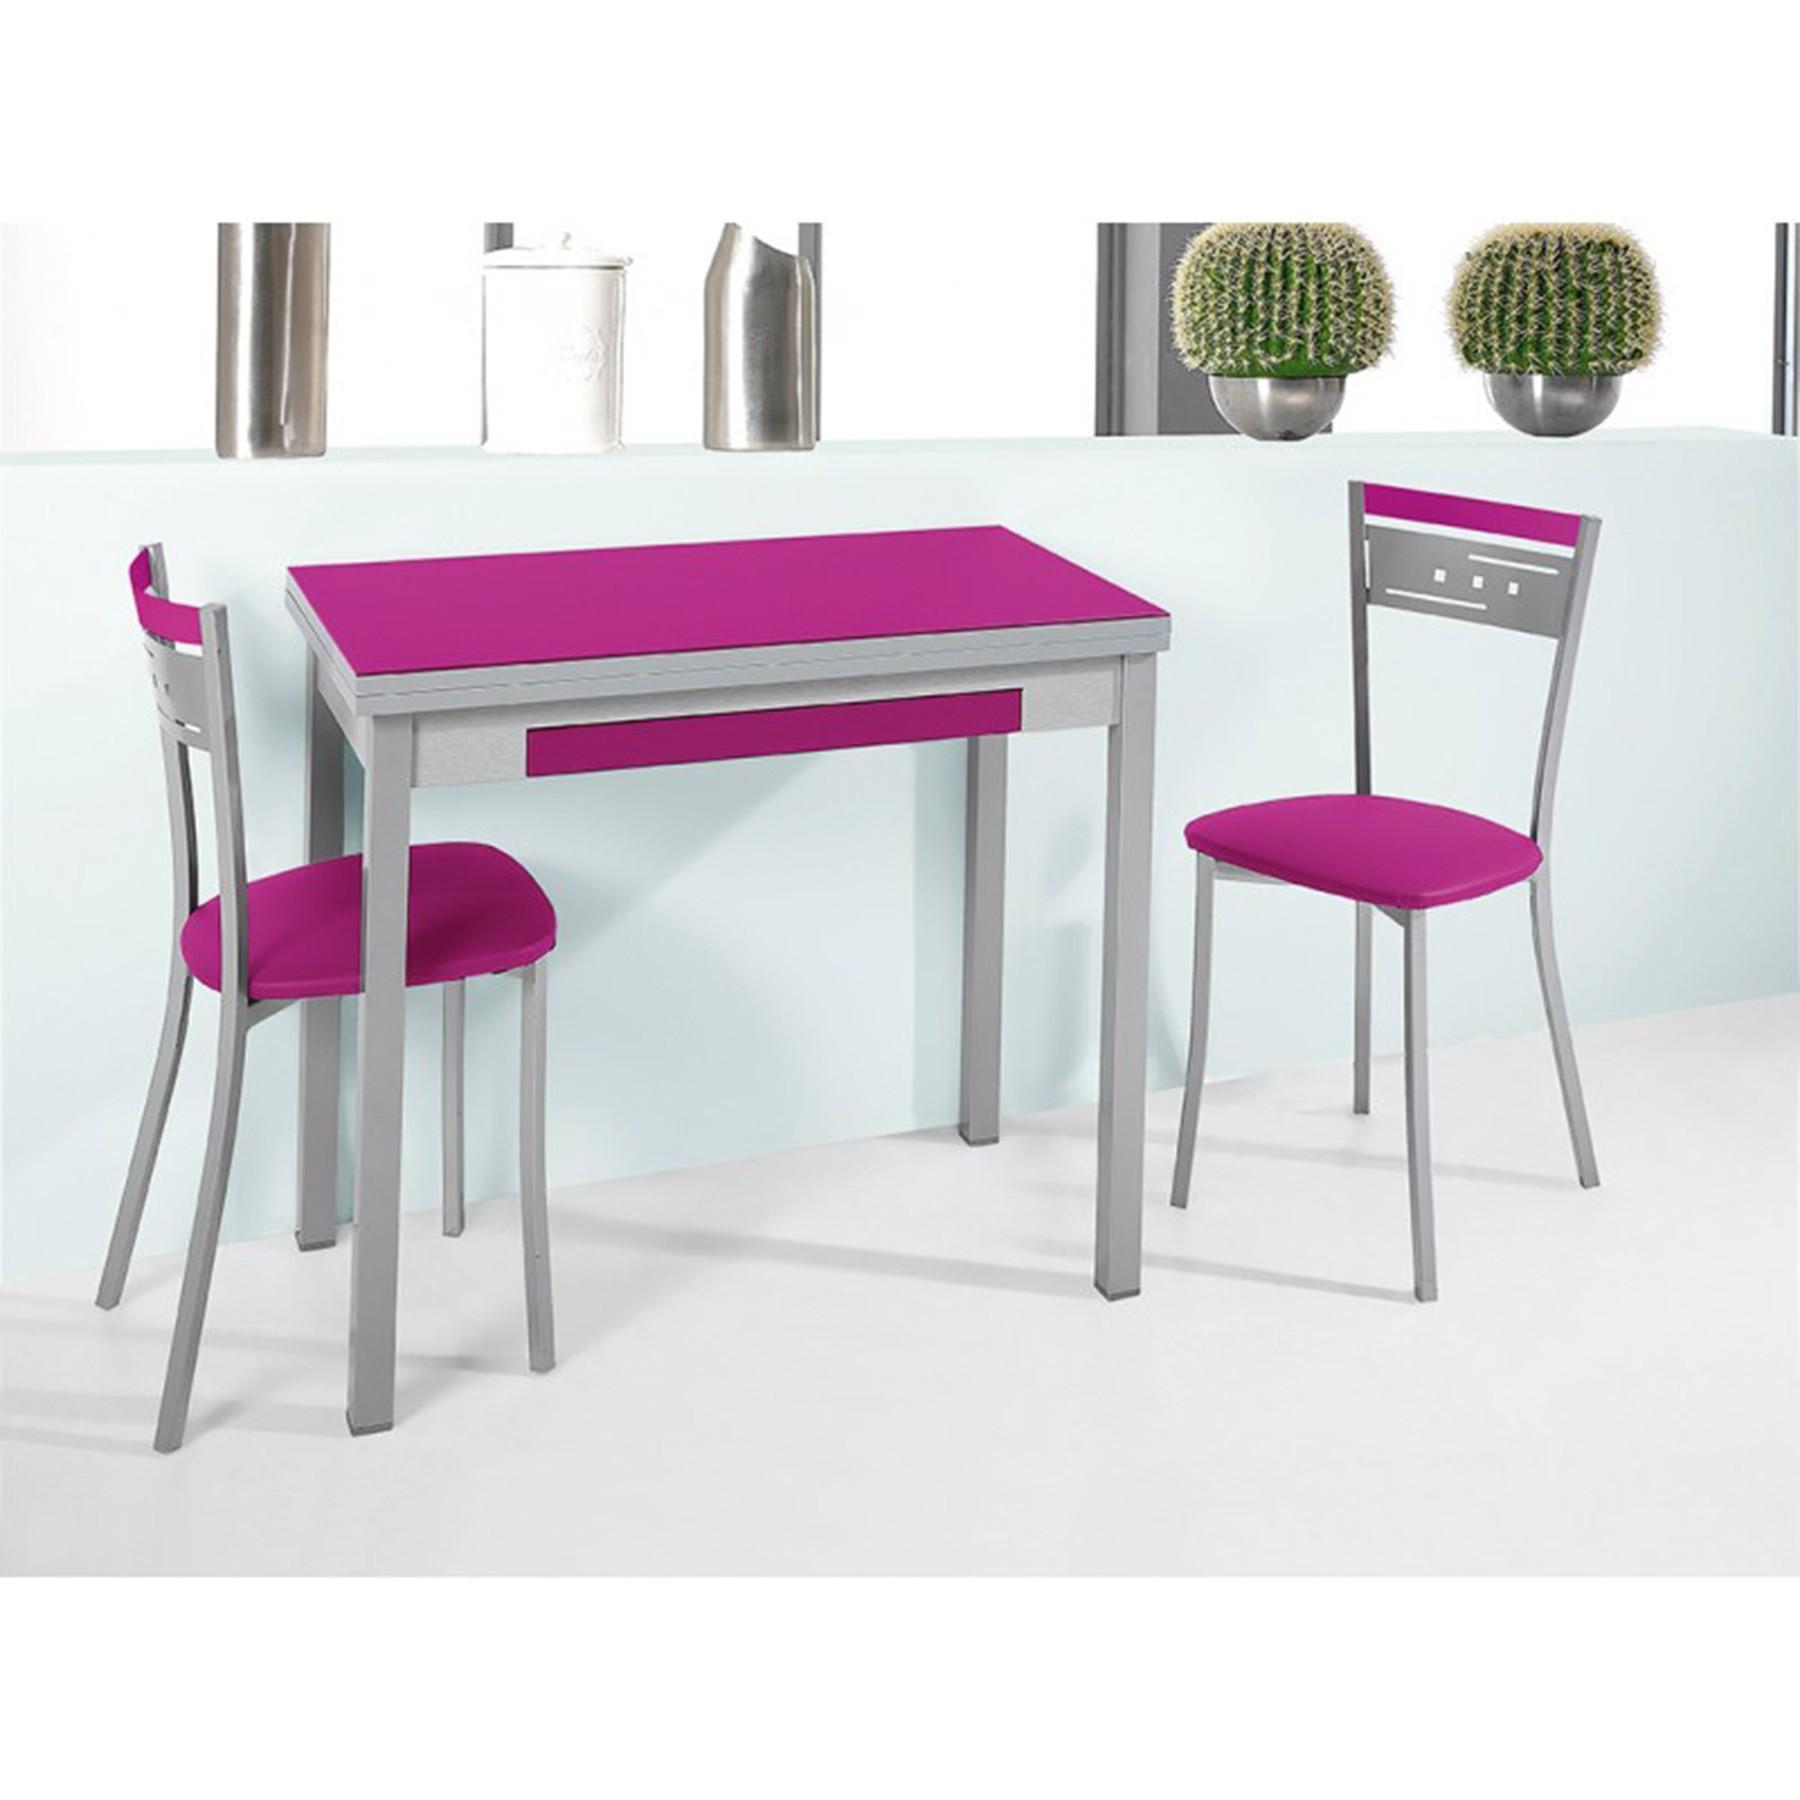 Conjunto de mesa libro y sillas de cocina modelo sunny for Sillas de cocina modernas